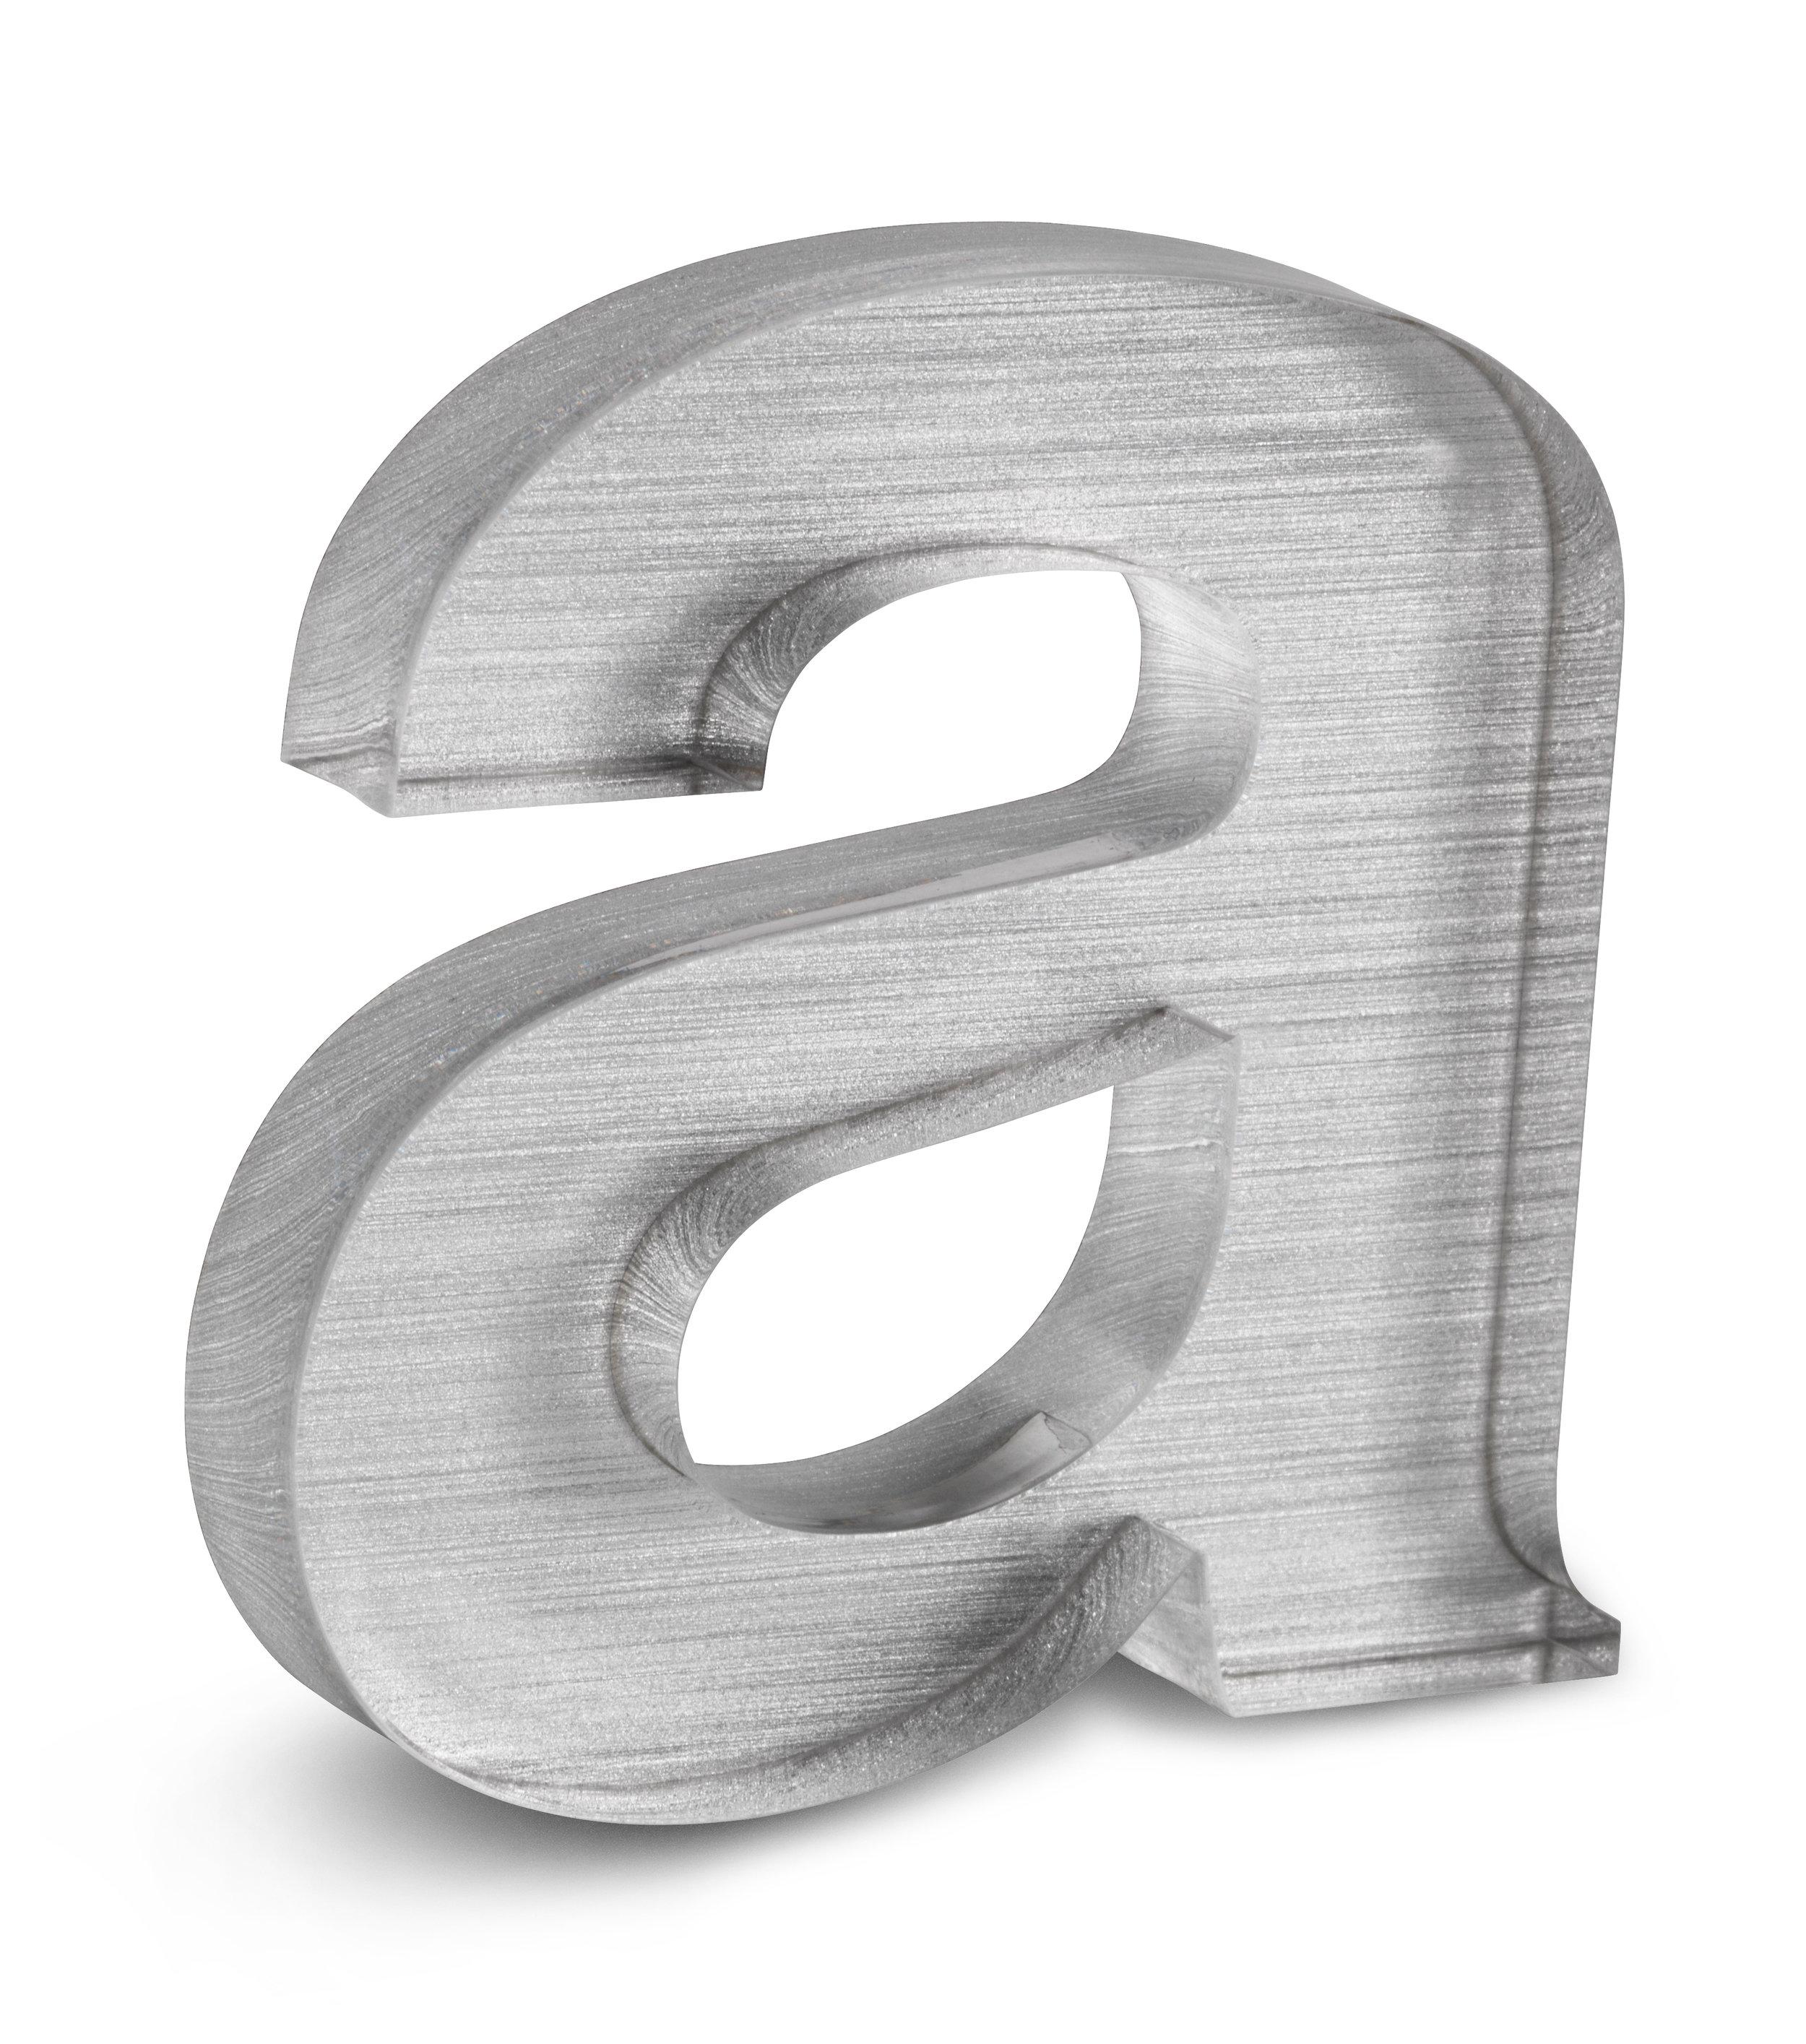 Acrytex Satin Aluminum